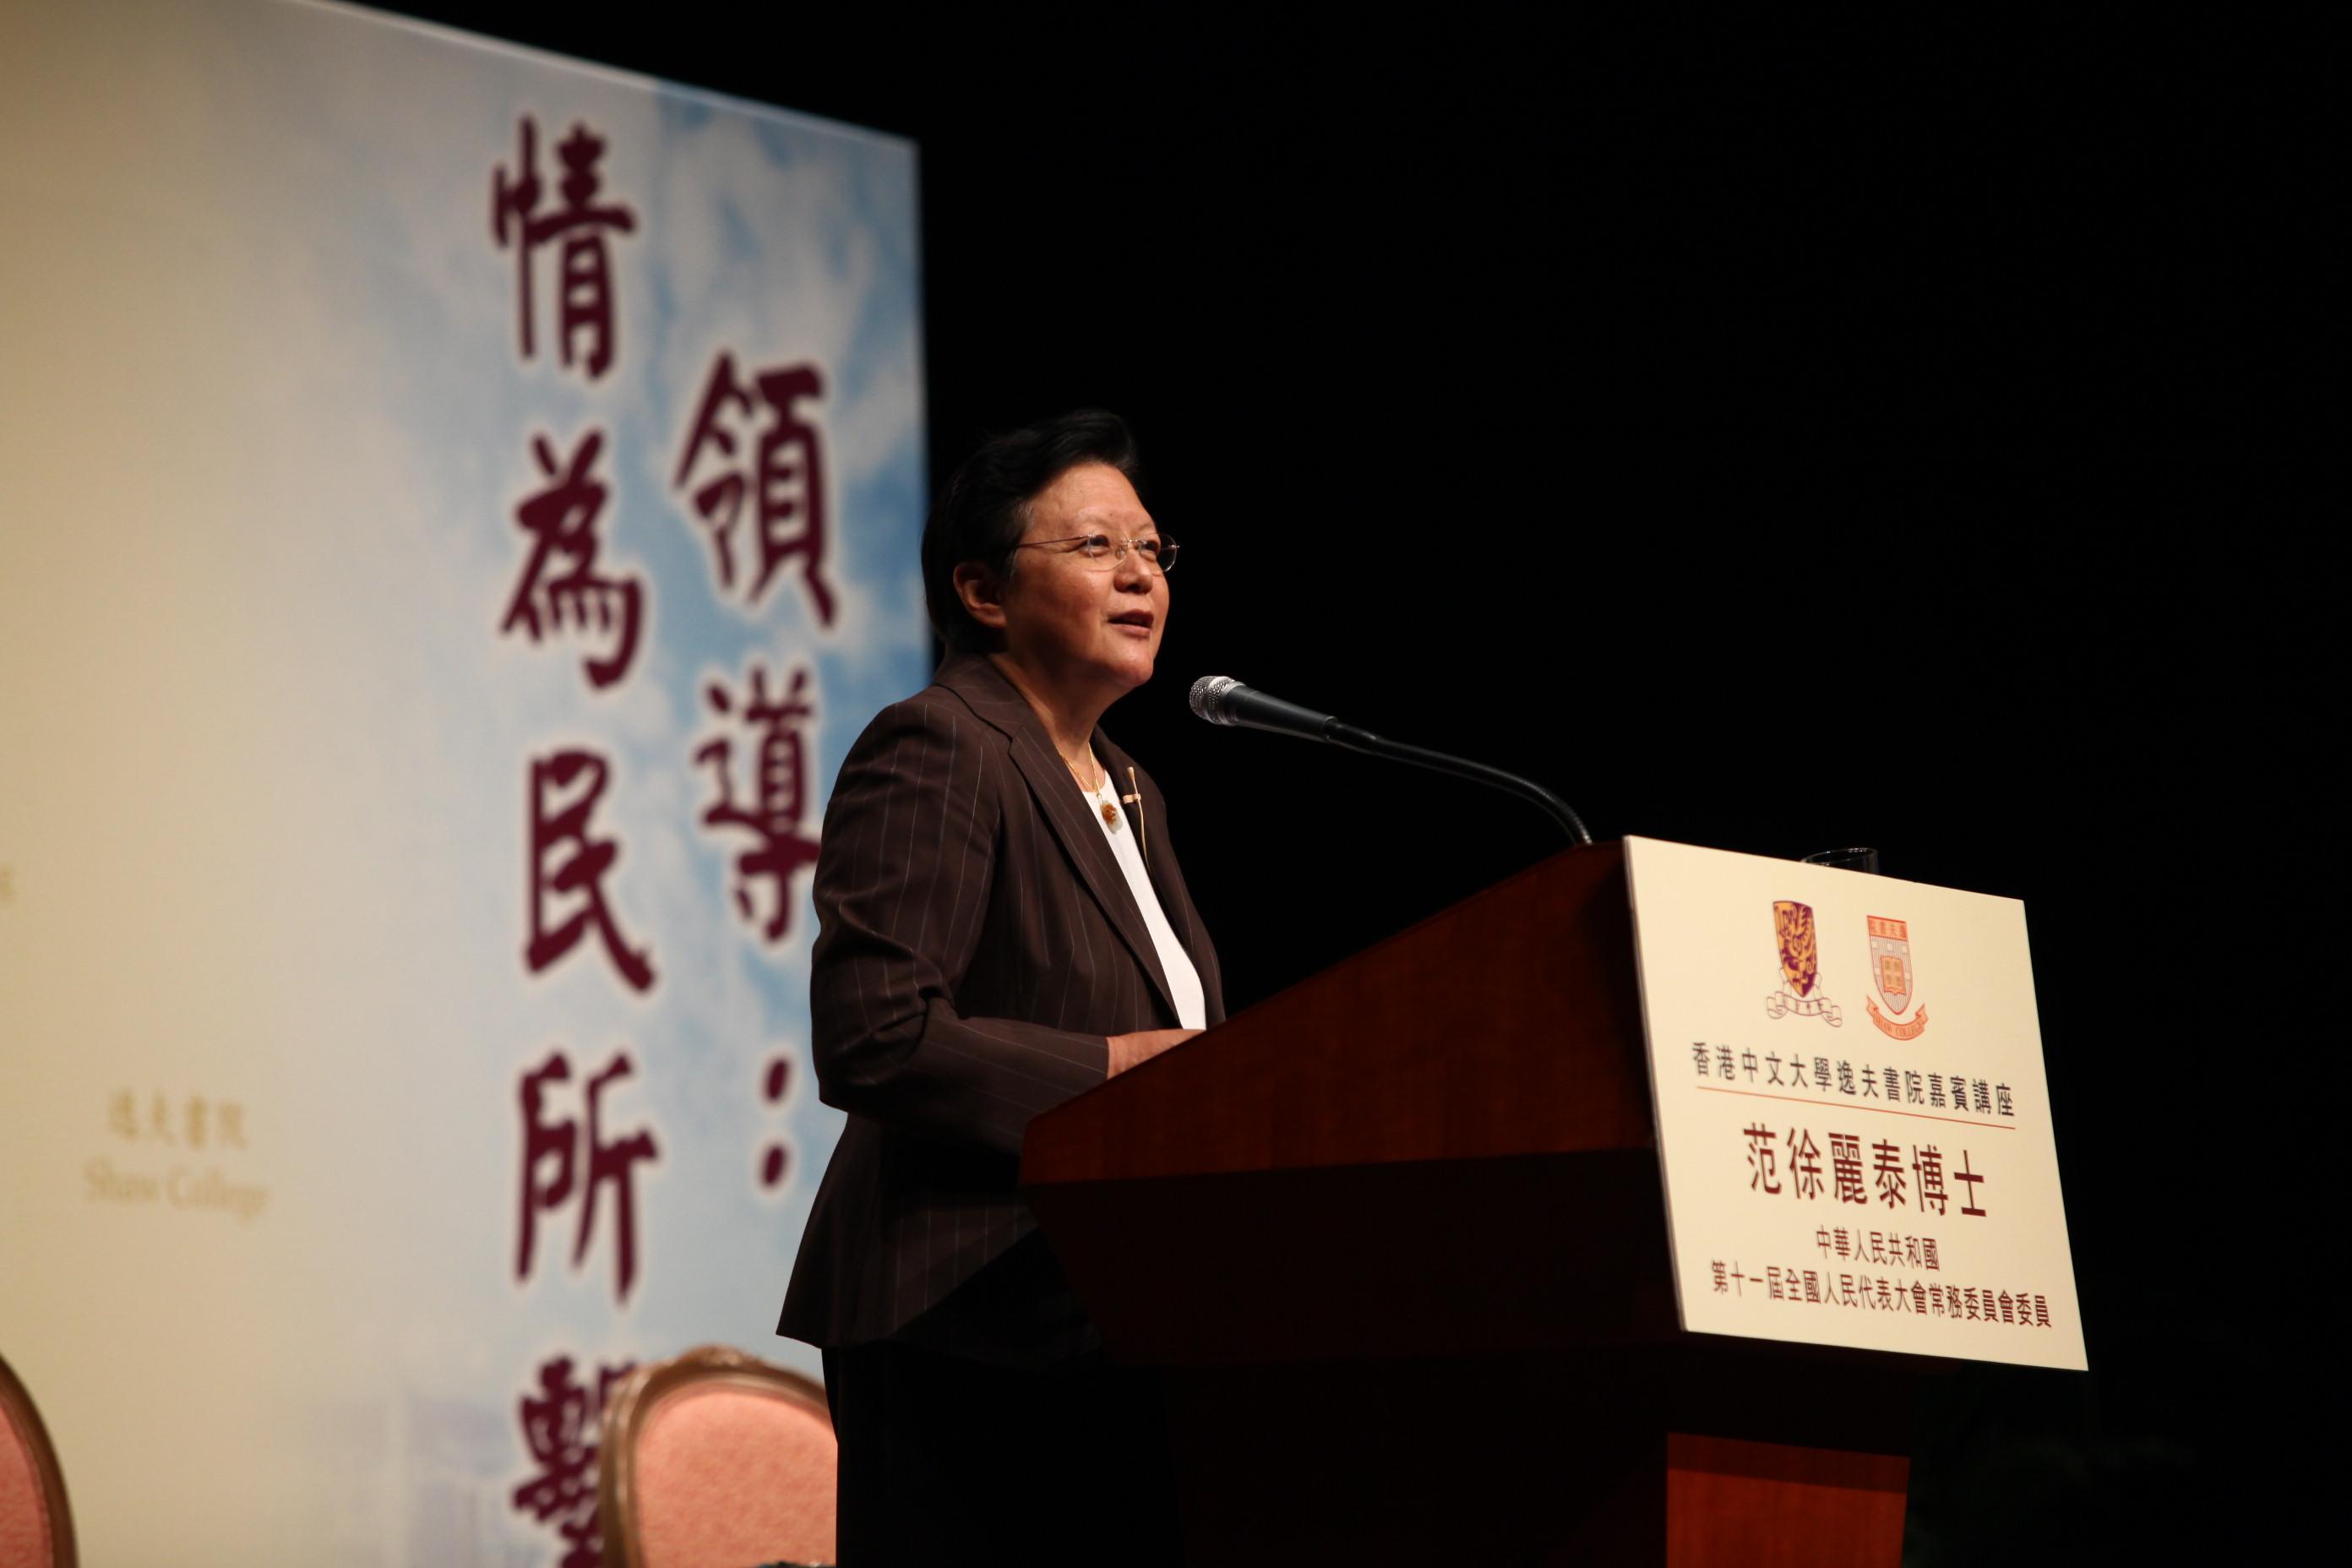 中華人民共和國第十一屆全國人民代表大會常務委員會委員范徐麗泰博士